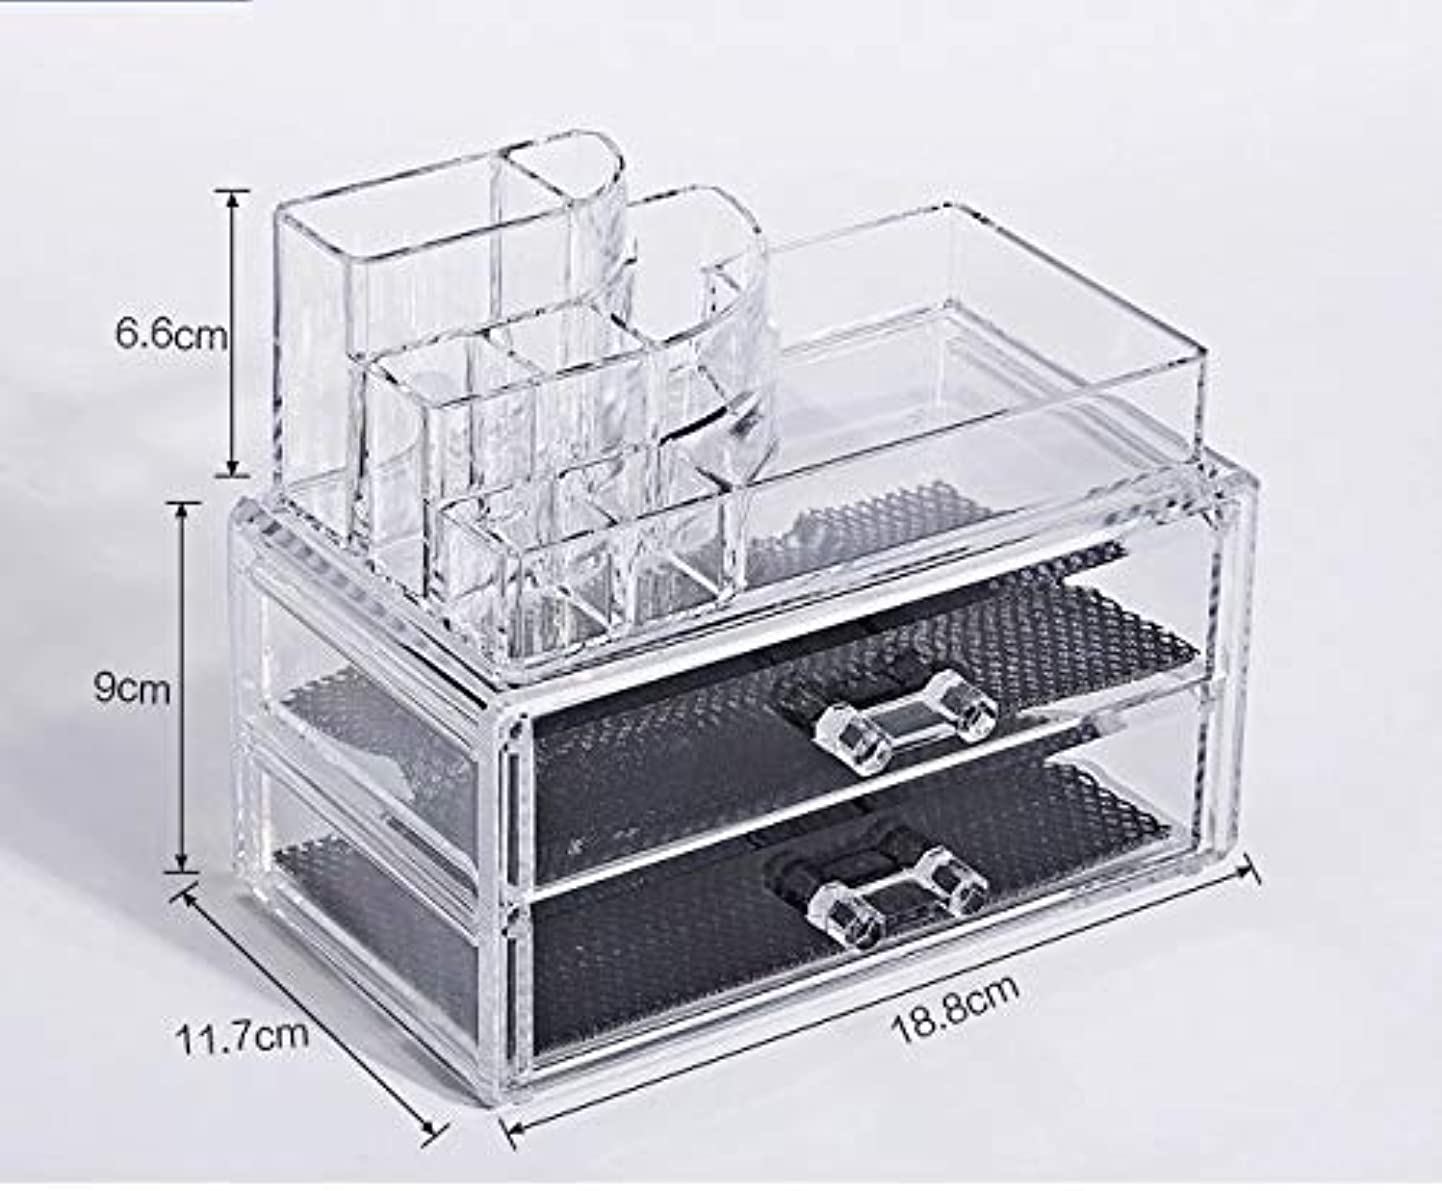 ノベルティ用心するまた明日ね化粧品収納ボックス メイクボックス 化粧品 収納 ニオイなし 騒音なし 防塵 高透明度 強い耐久性